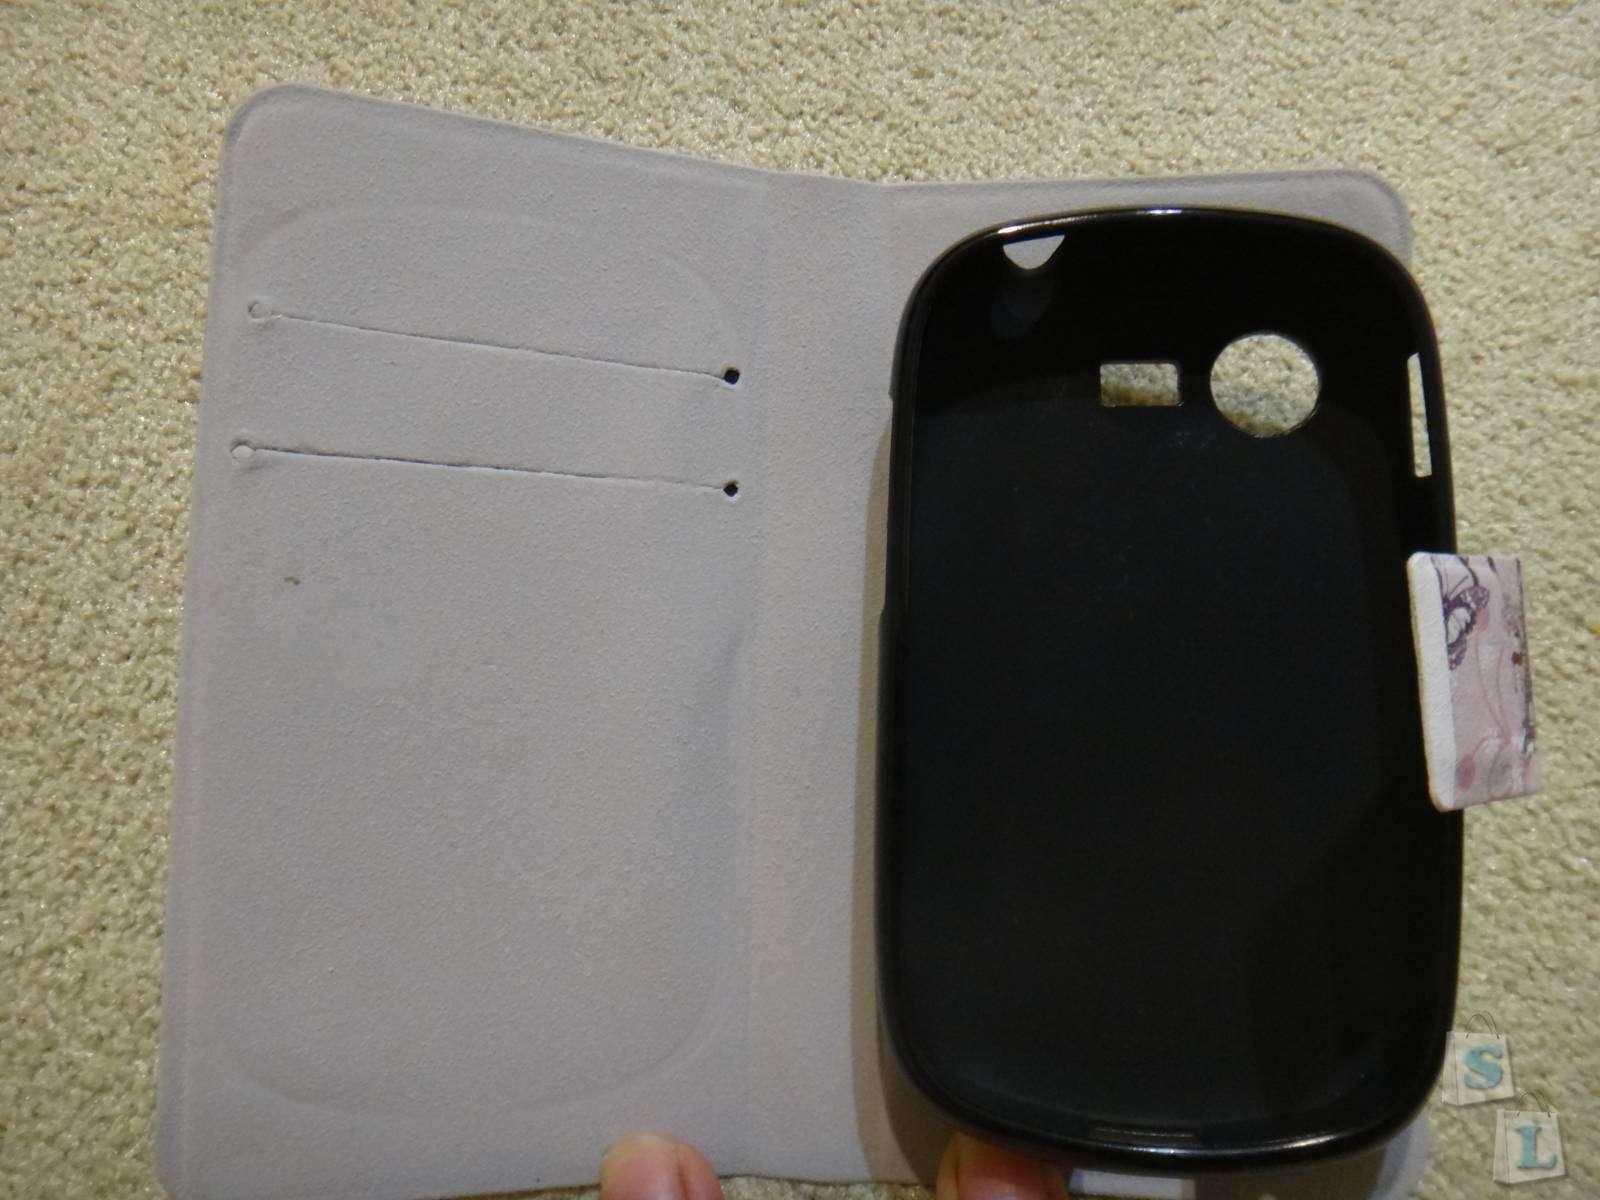 Aliexpress: Обзор чехла для Samsung GALAXY Star S5282 с карманчиками под платежные карточки